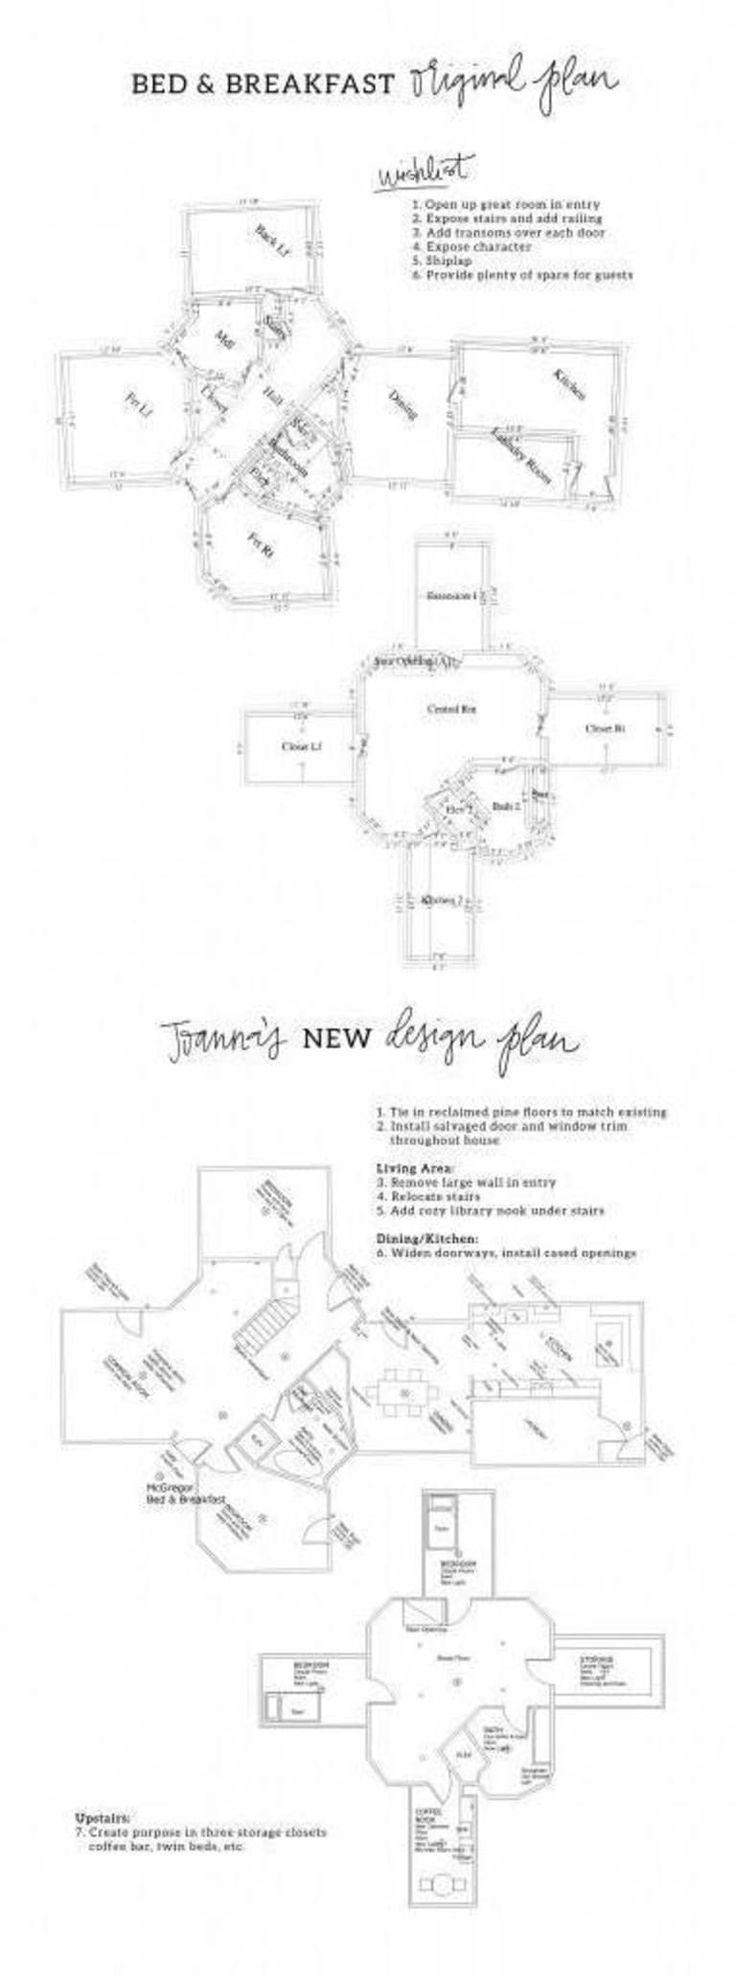 The Floor Plan!